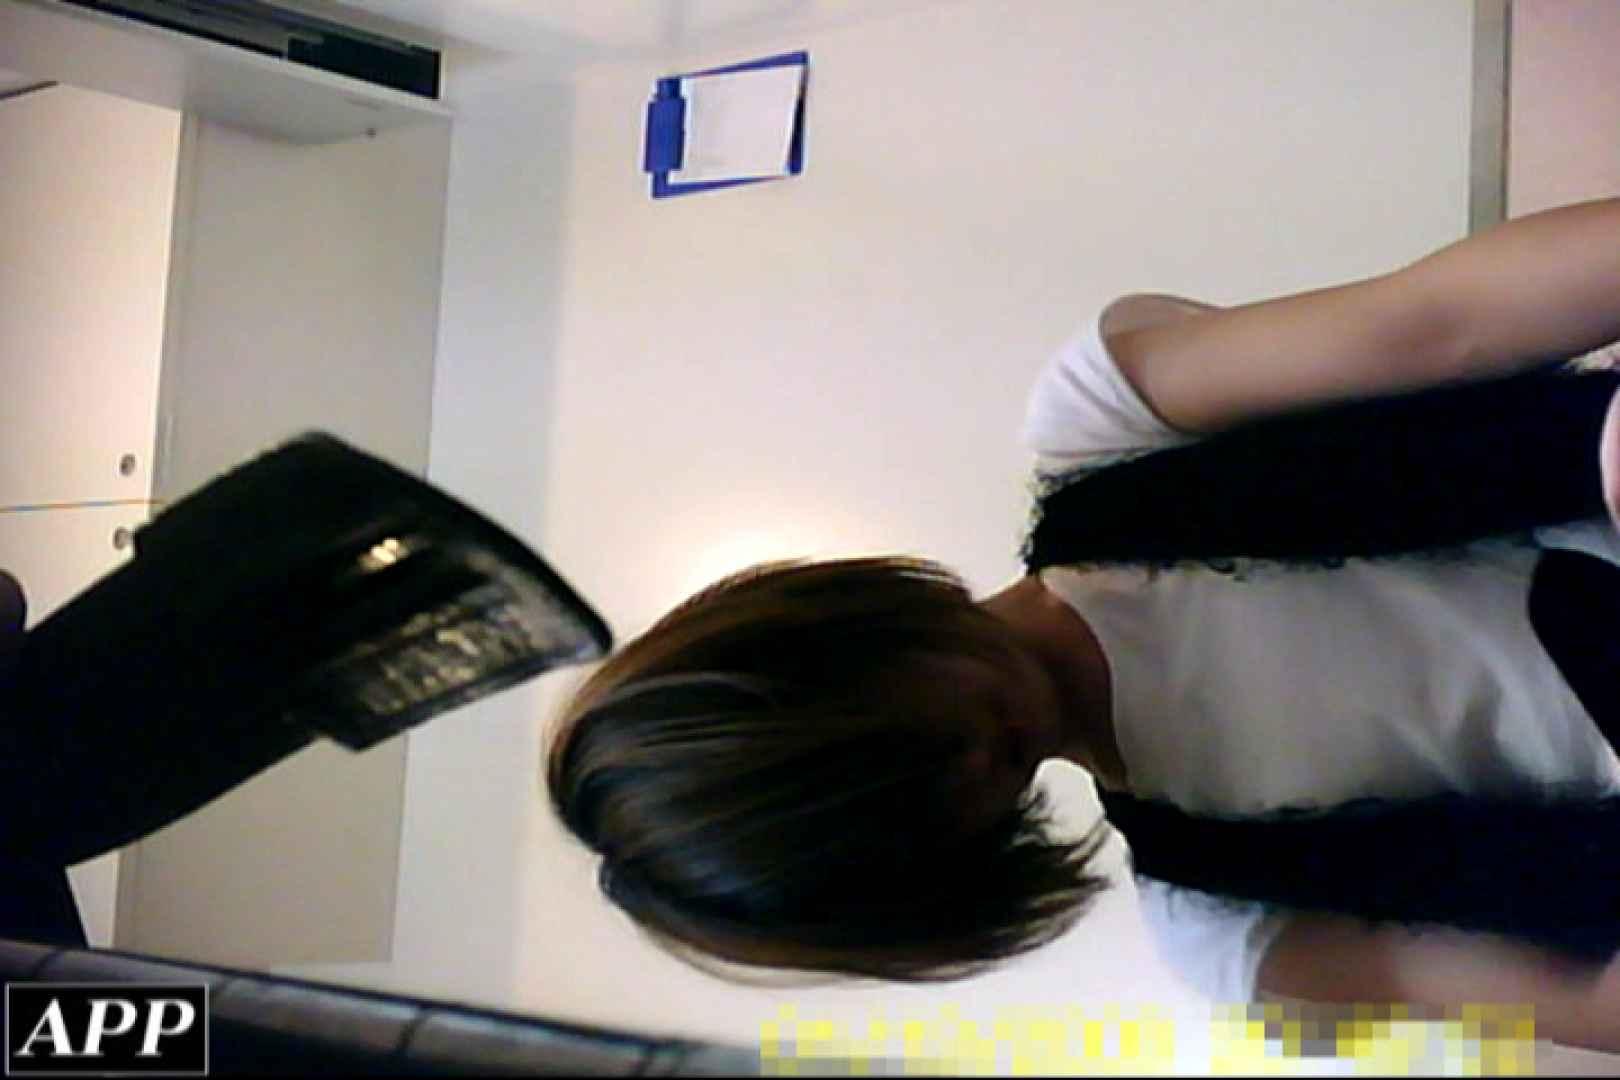 3視点洗面所 vol.135 お姉さん達のオマンコ おまんこ無修正動画無料 39連発 30